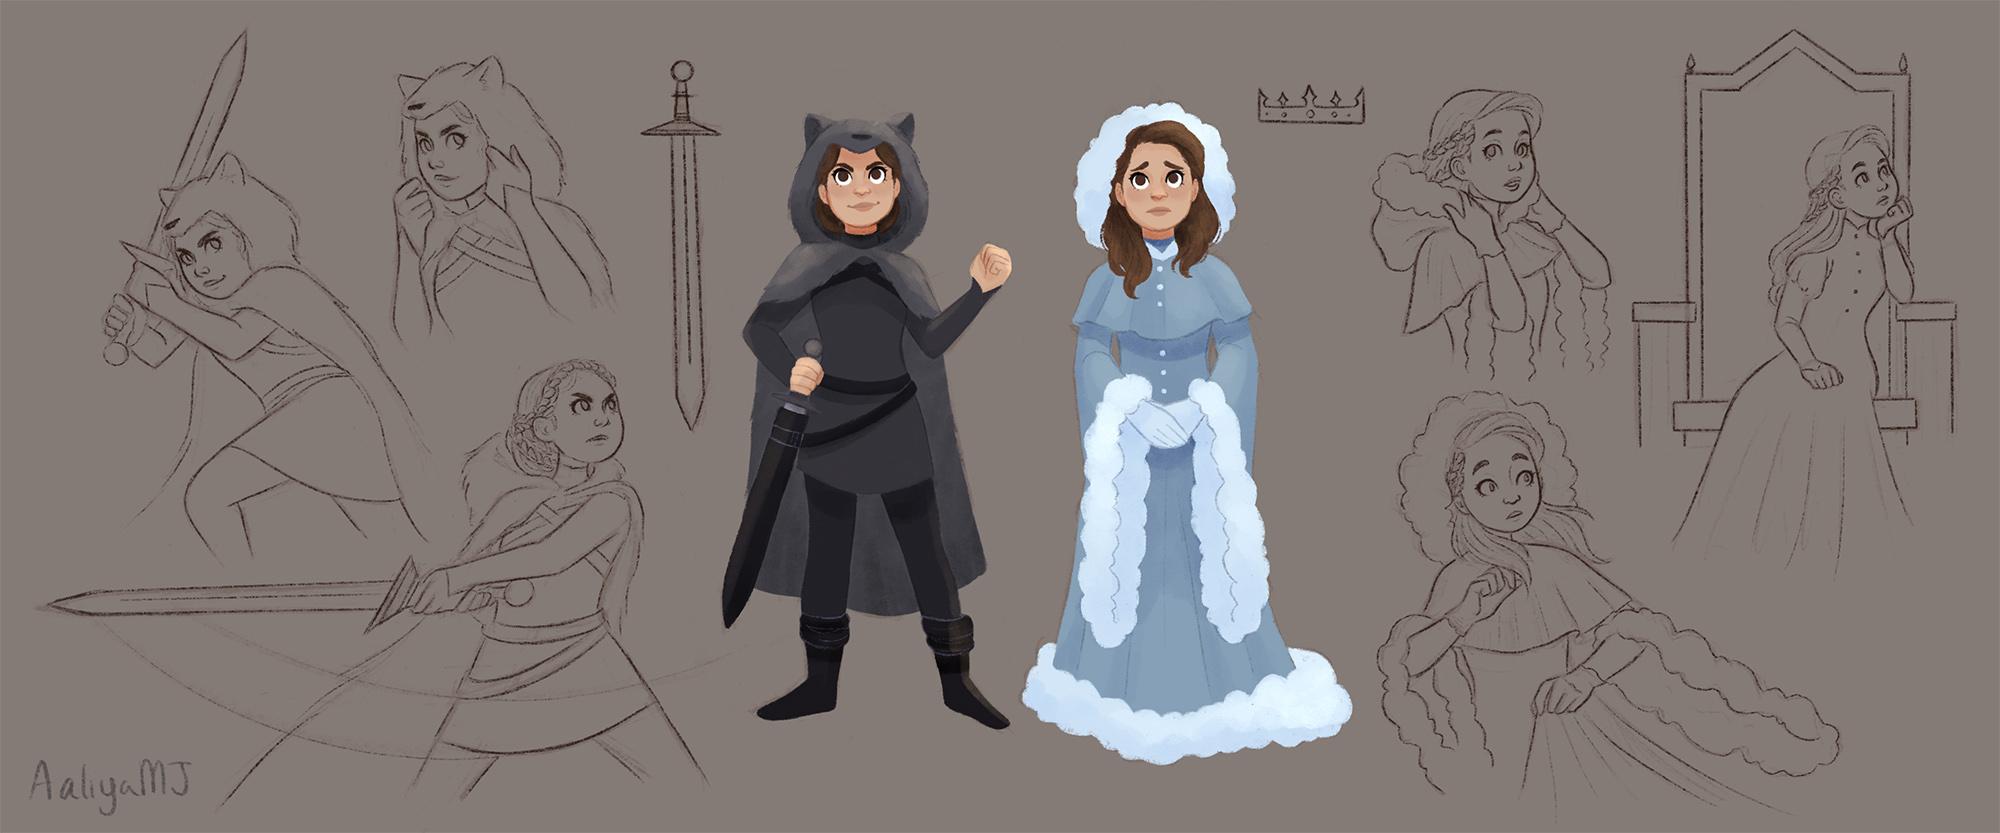 Character_Exploration_-_Girl.jpg